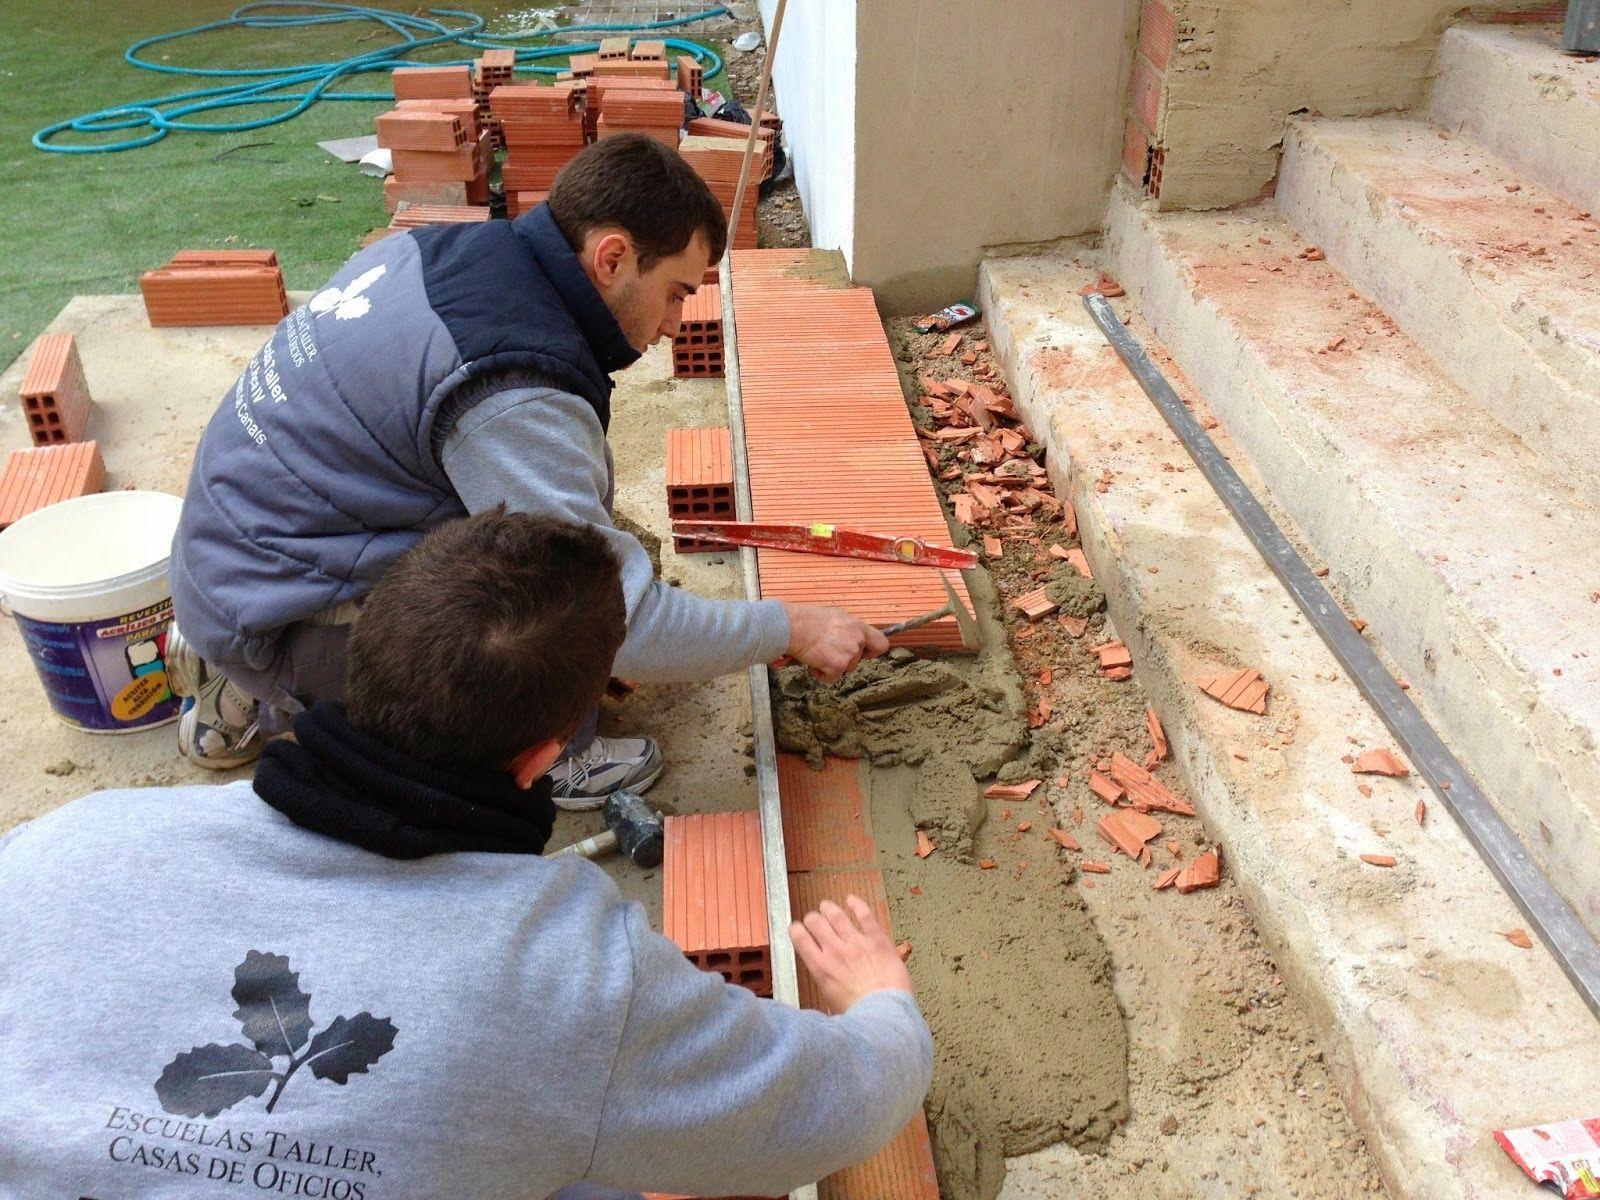 El maestro de obras xavier valderas construcci n de for Construccion de escaleras